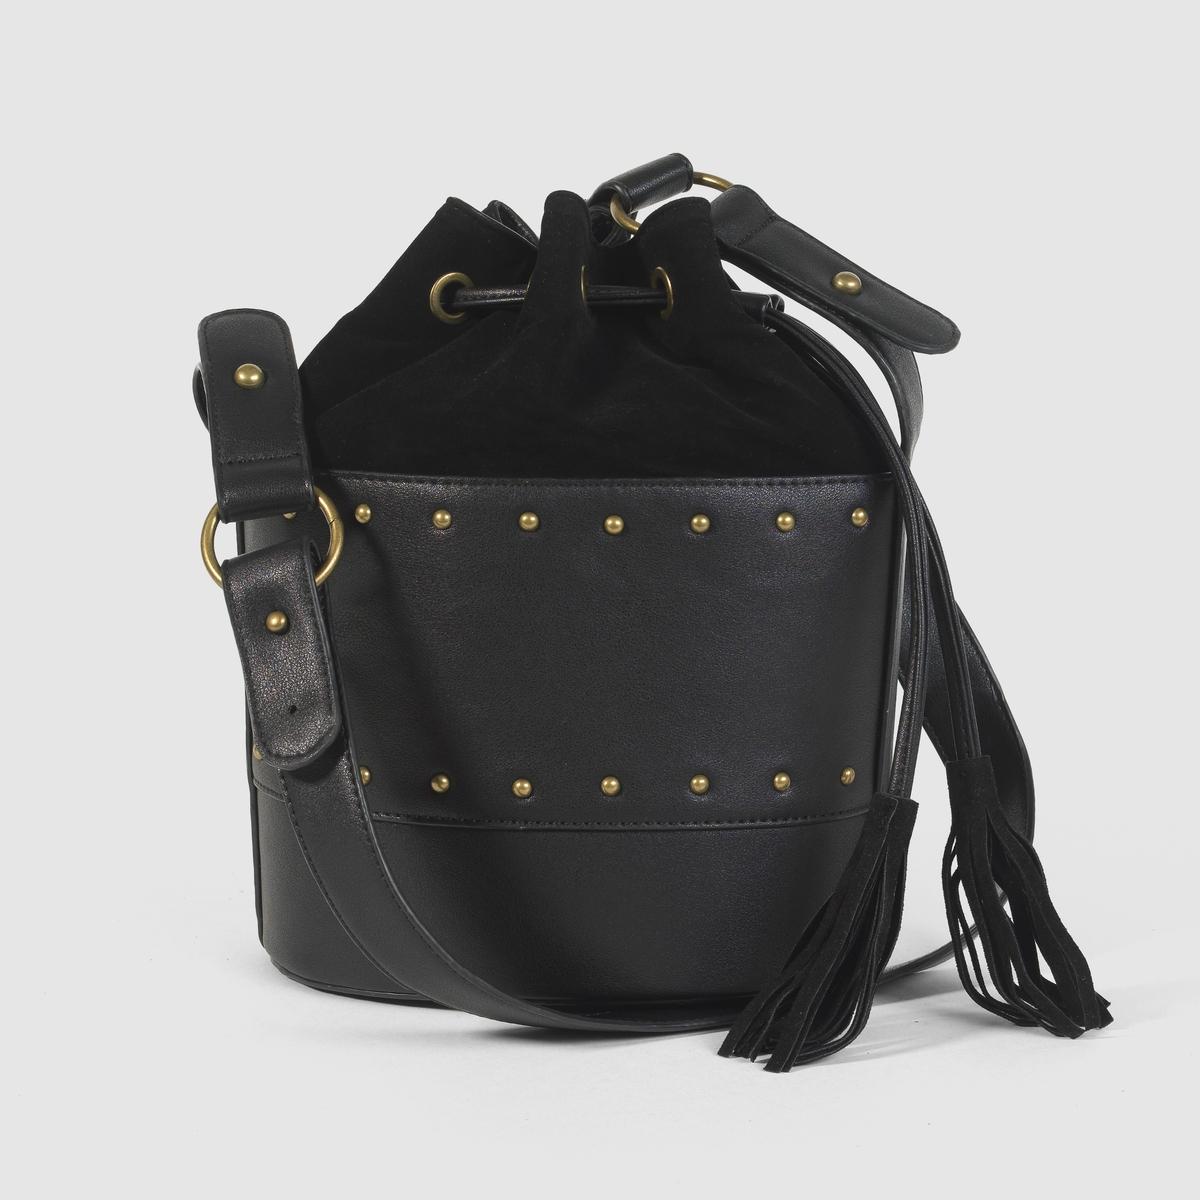 Сумка мешок.Преимущества: Стильная сумка мешок выручит Вас и во время  прогулок, и в рабочие будни, она очень практична, благодаря плечевому ремню и внутреннему карману.<br><br>Цвет: черный<br>Размер: единый размер